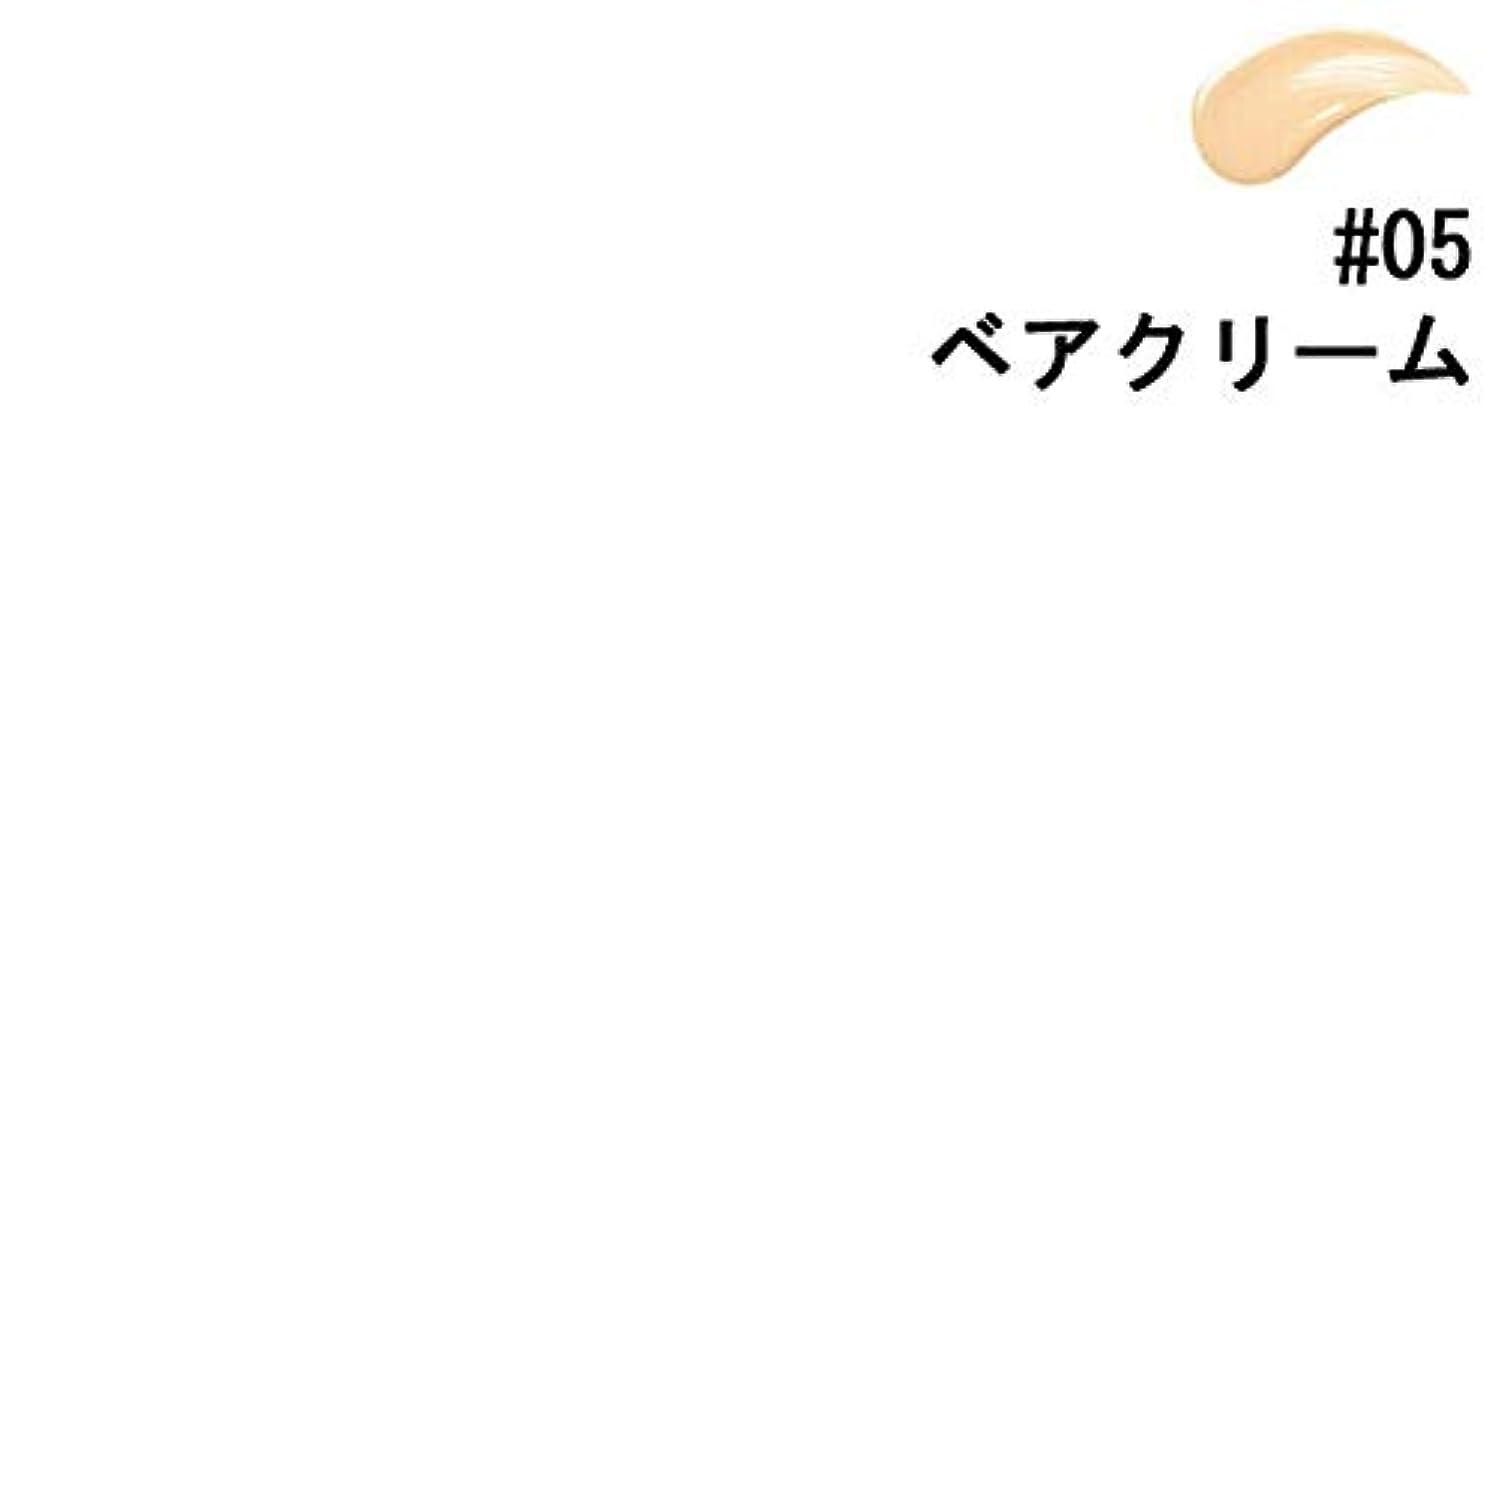 驚農村要求【ベアミネラル】ベアミネラル ベア ファンデーション #05 ベアクリーム 30ml [並行輸入品]